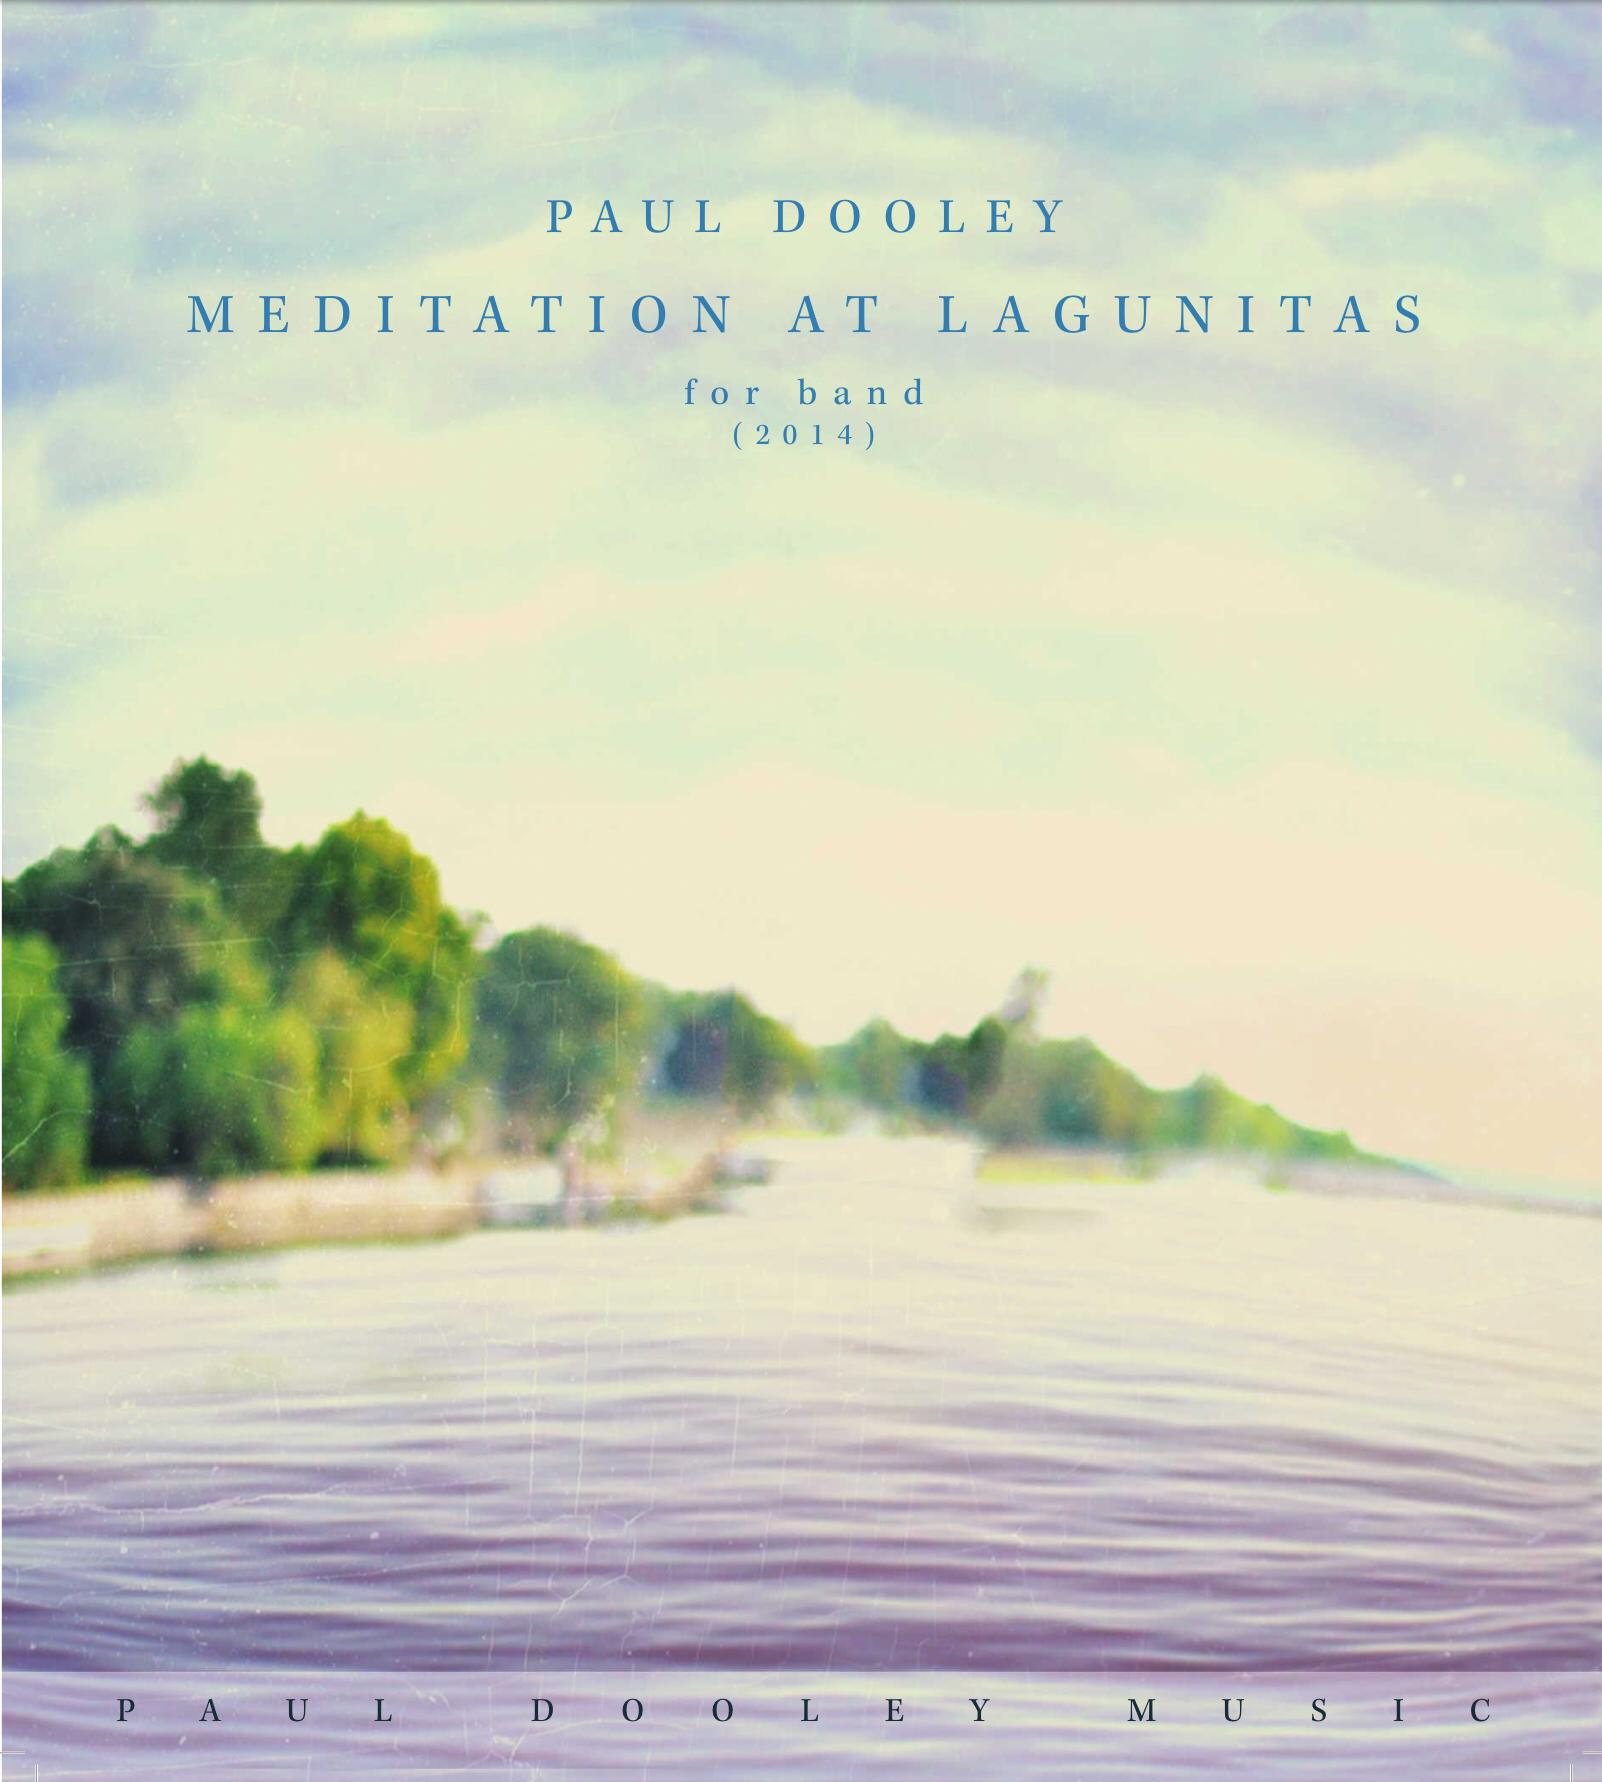 Meditation At Lagunitas  by Paul Dooley